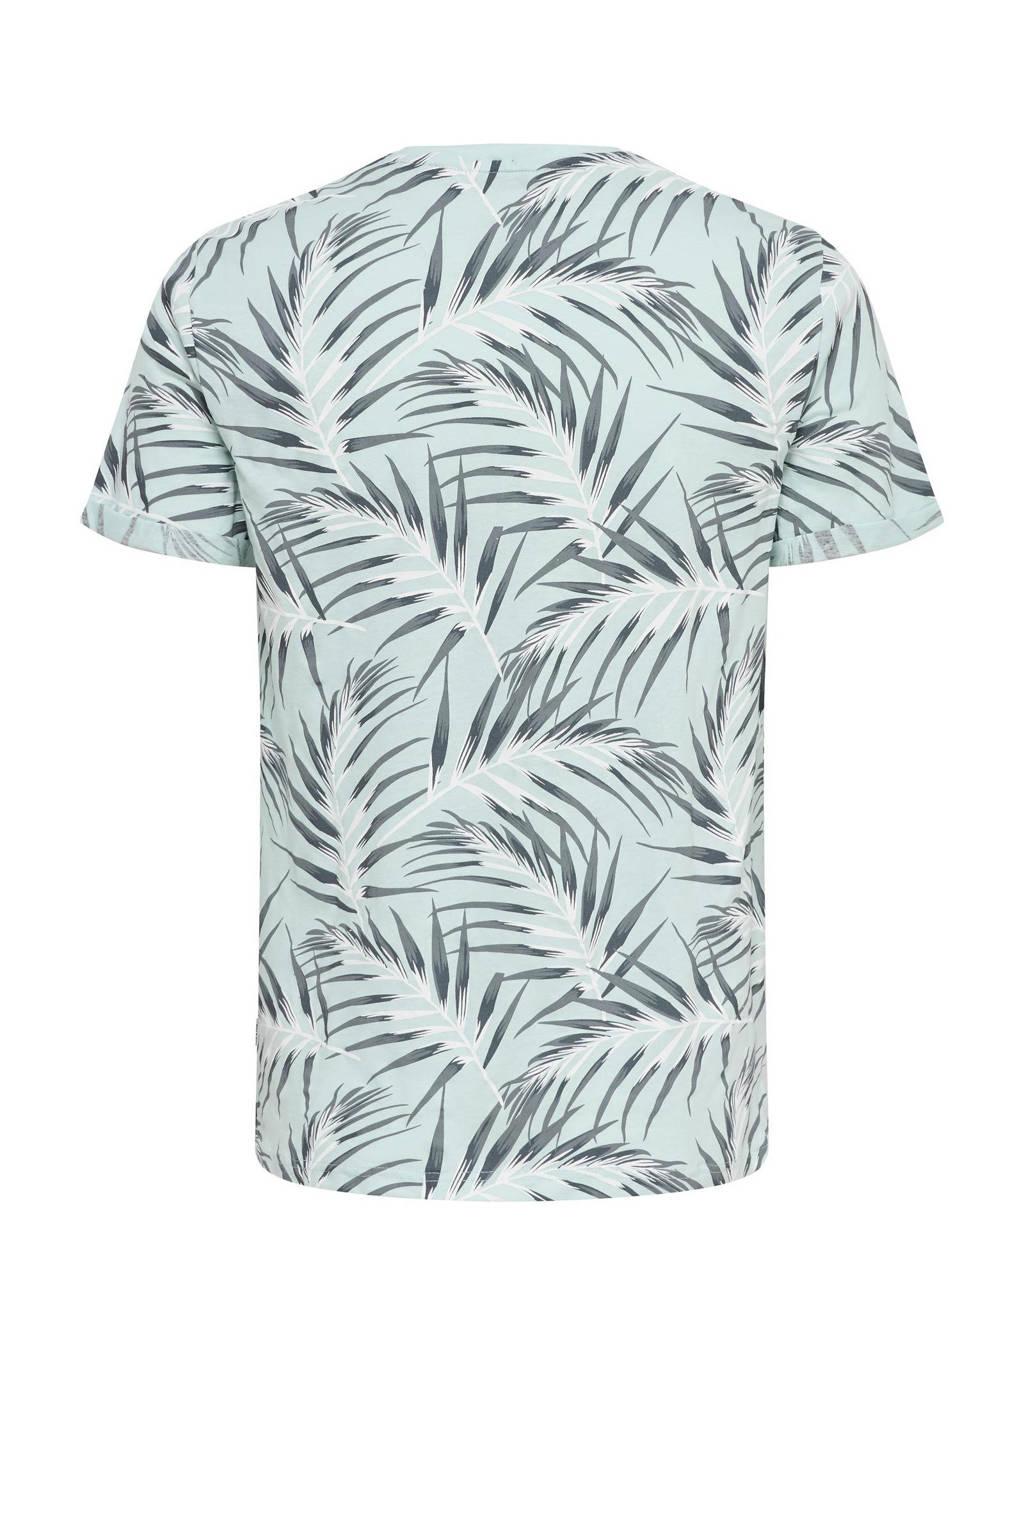 ONLY & SONS T-shirt Ason met bladprint lichtblauw, Lichtblauw